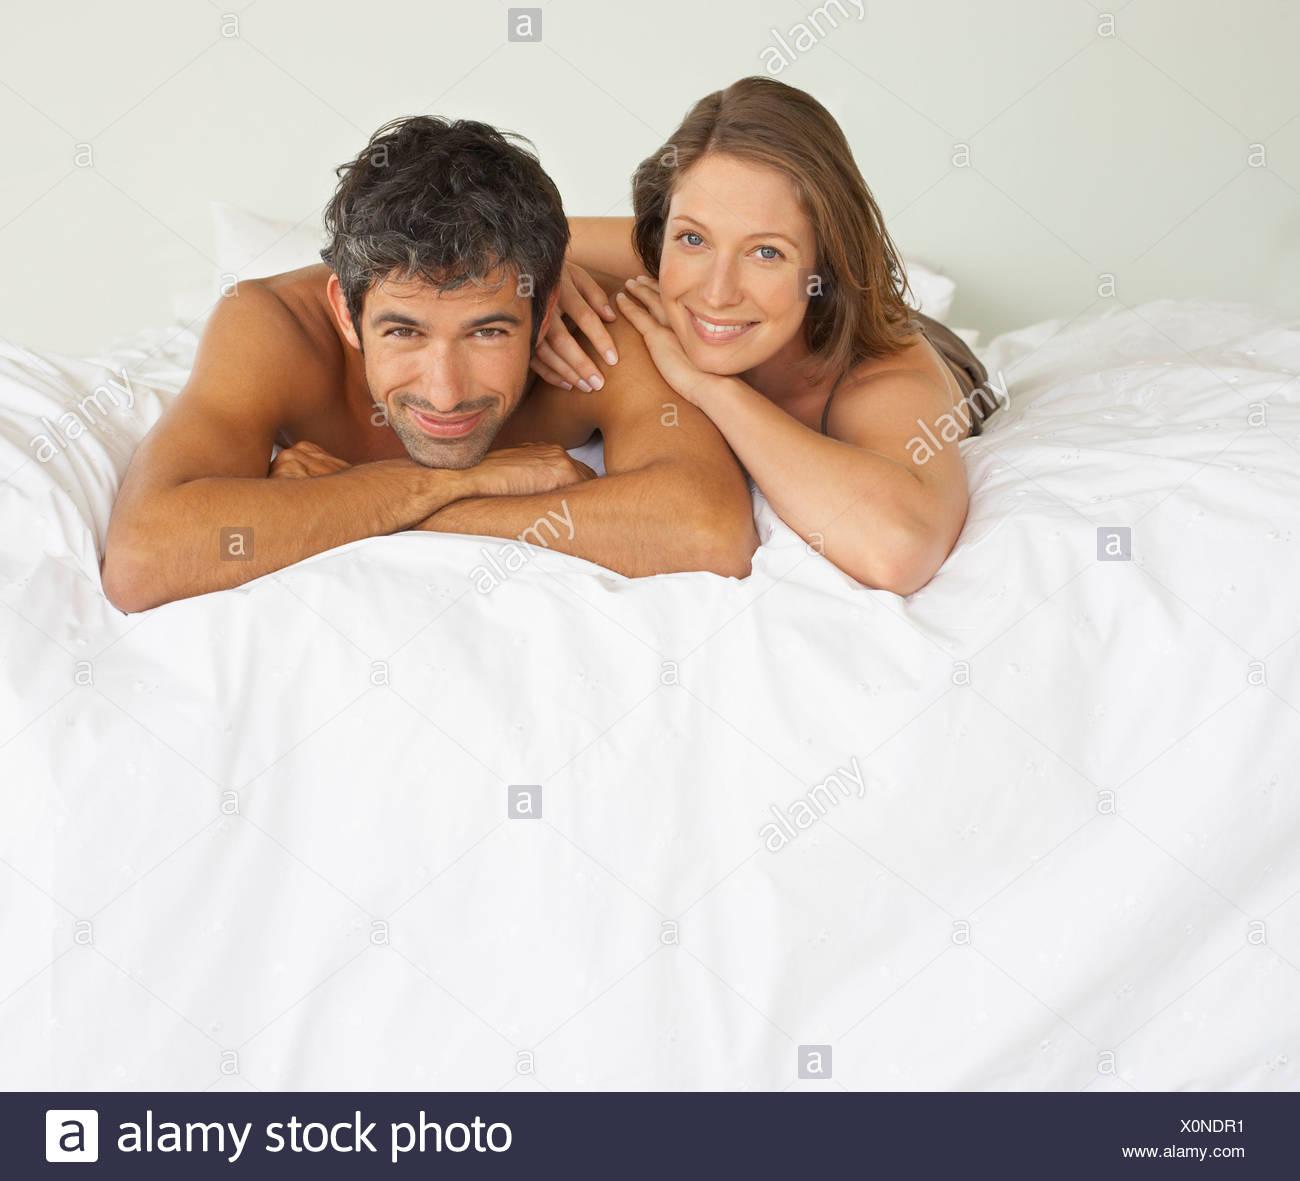 Frau Und Mann Im Bett Liegend Stockfoto Bild 275837717 Alamy